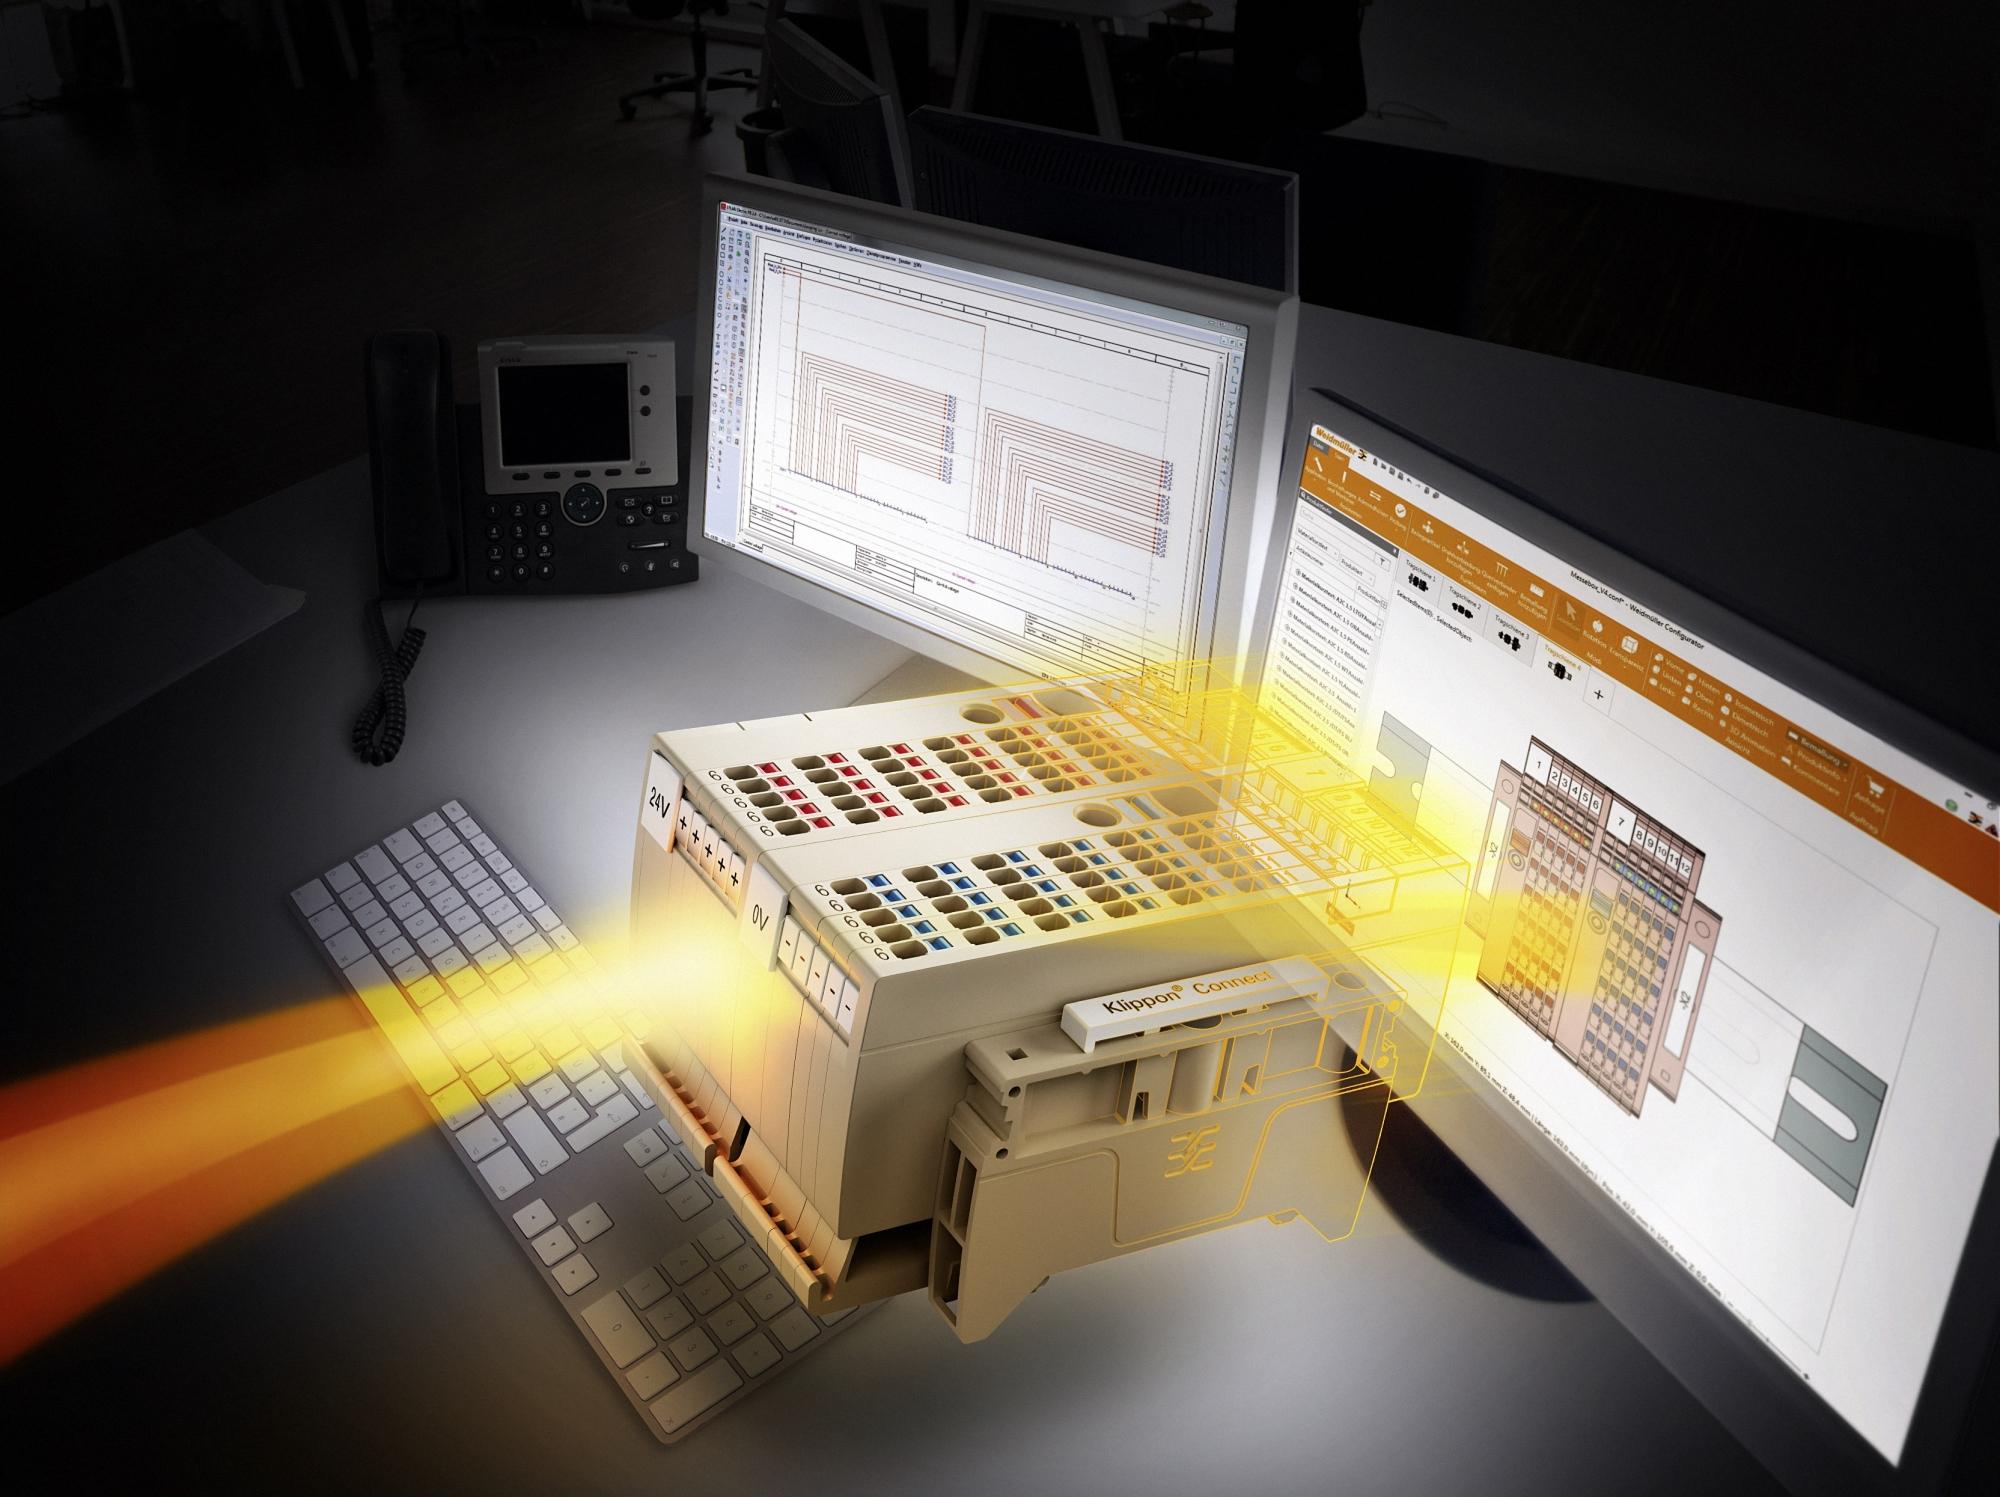 Rys. Weidmuller Configurator:  Weidmuller Configurator -  oprogramowanie inżynierskie od konfiguracji listew ze złączkami oraz innych zestawów z produktów Weidmuller, współpracujące z popularnymi programami do projektowania.